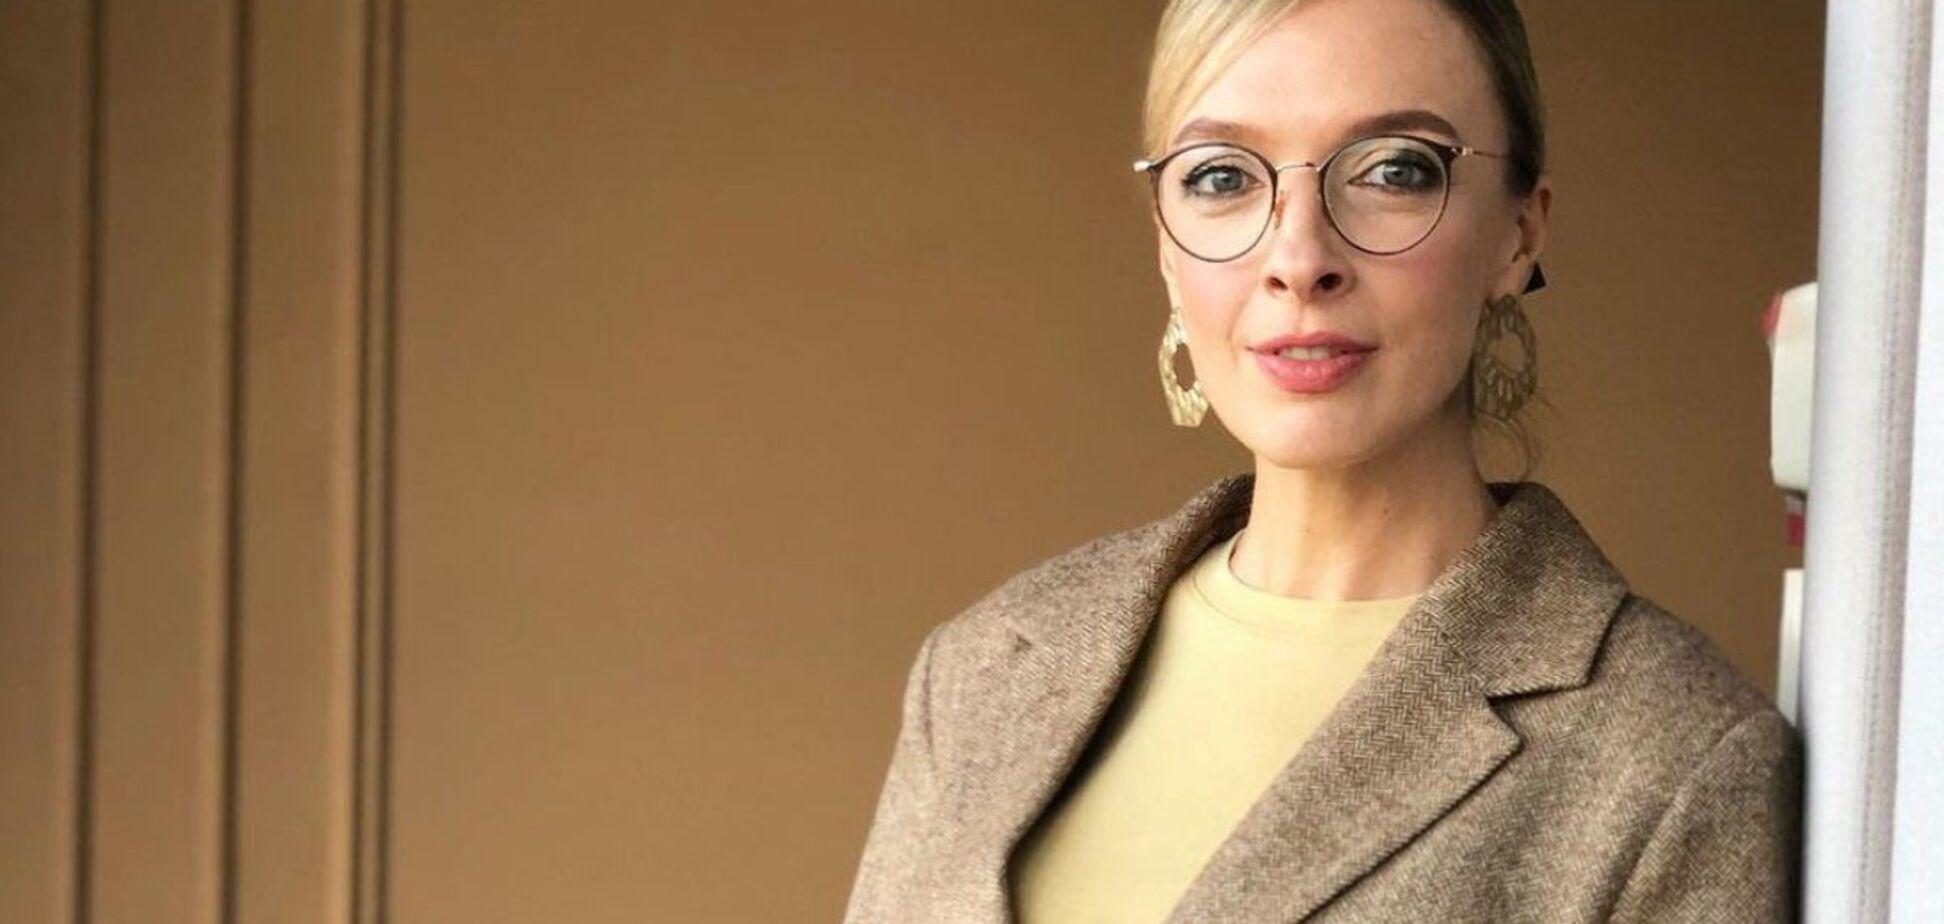 Василіса Фролова влаштувала фотосесію у білизні на 9-му місяці вагітності